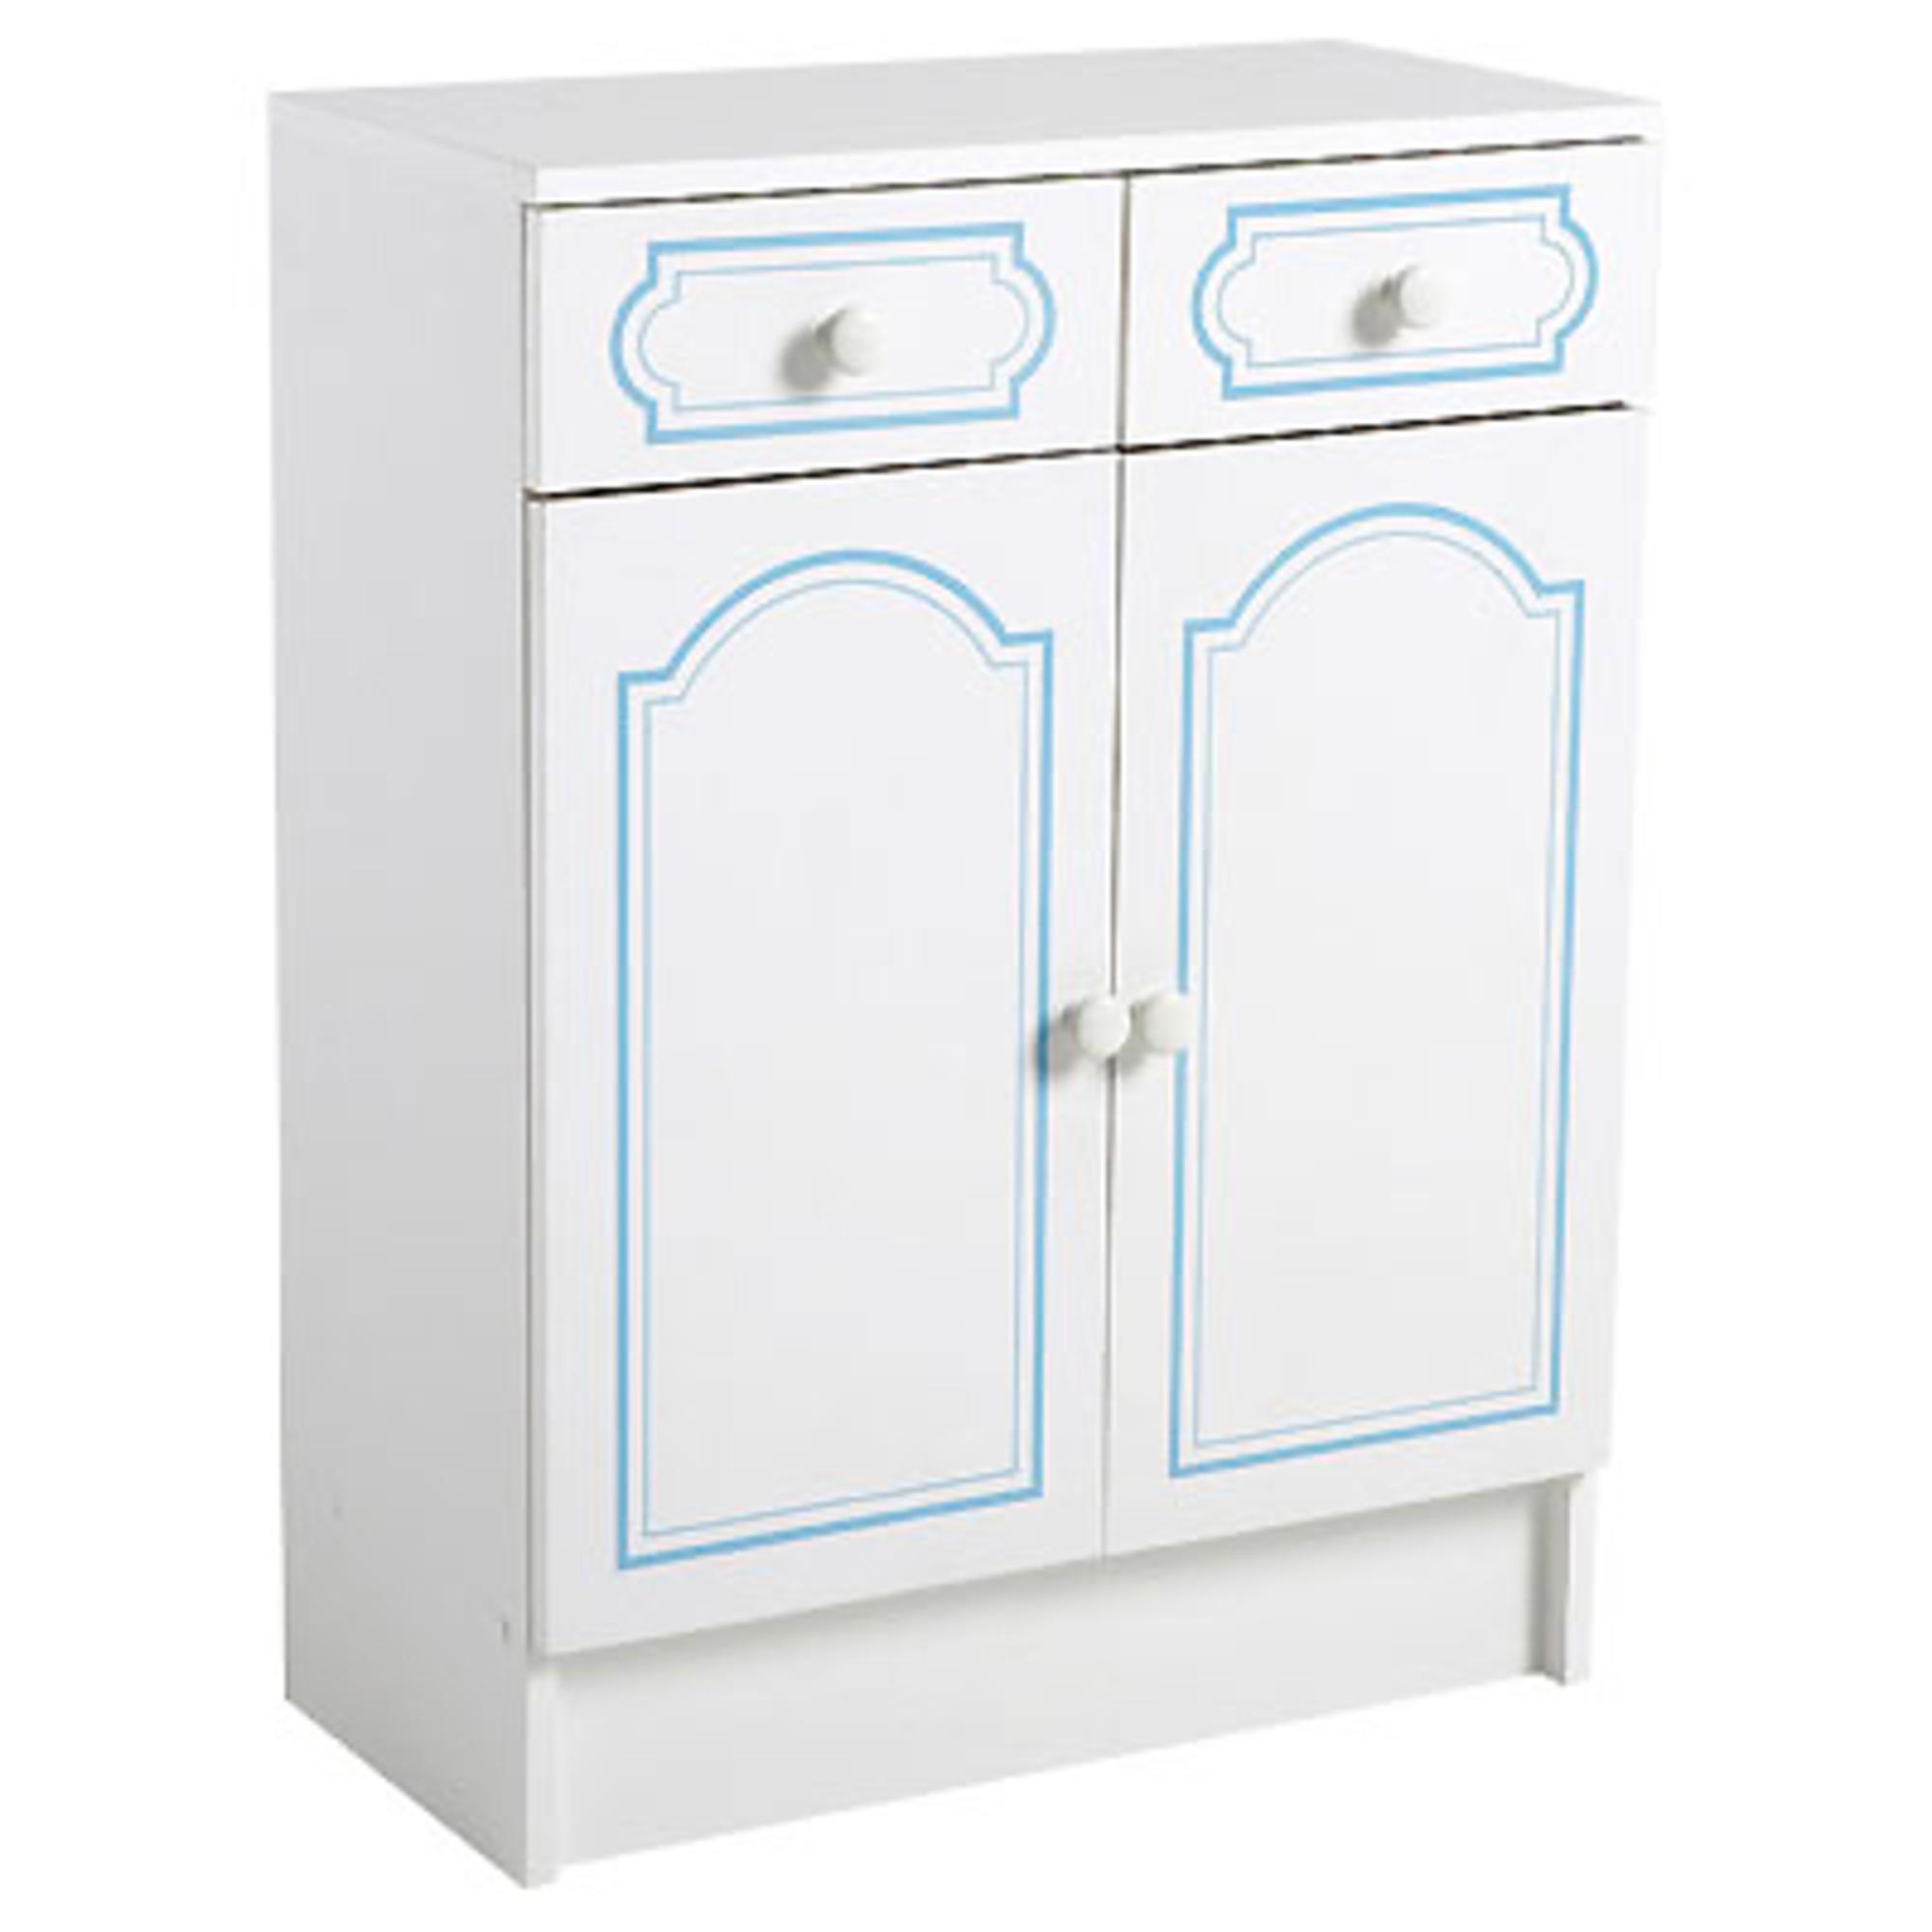 Meuble bas 2 portes 2 tiroirs salle de bain belle ile for Meuble bas salle de bain